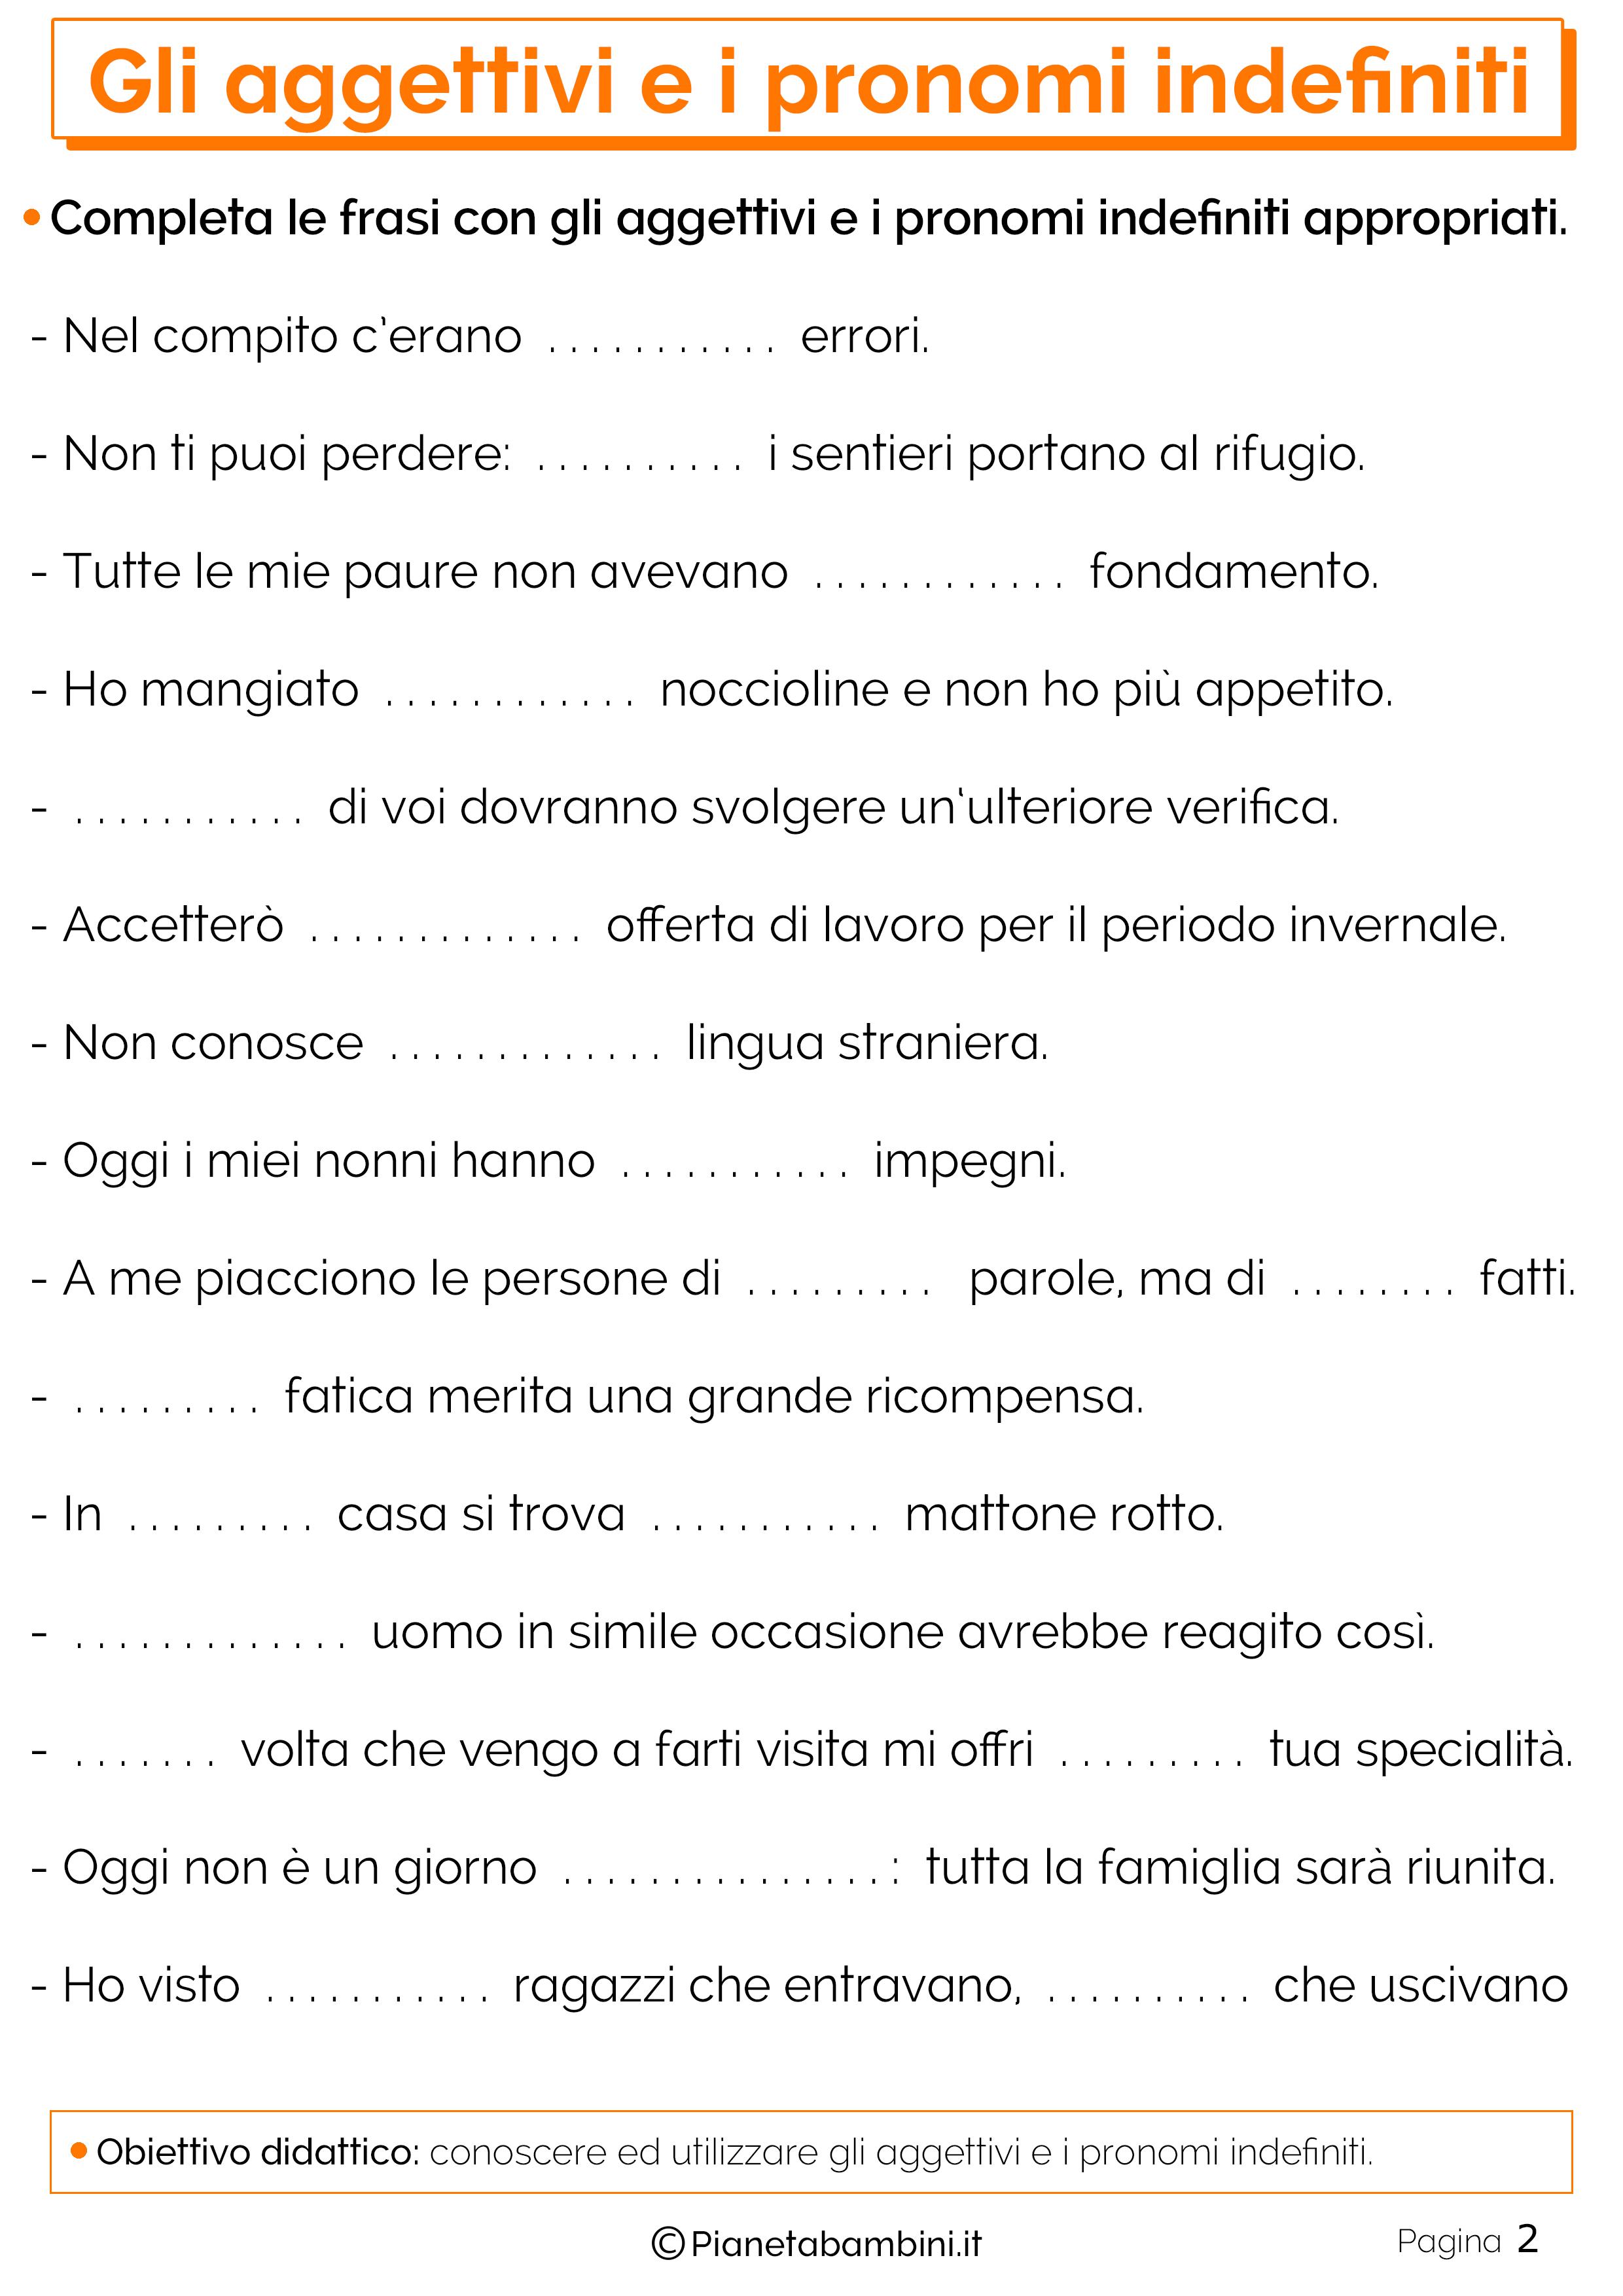 Esercizi sugli aggettivi e i pronomi indefiniti 2